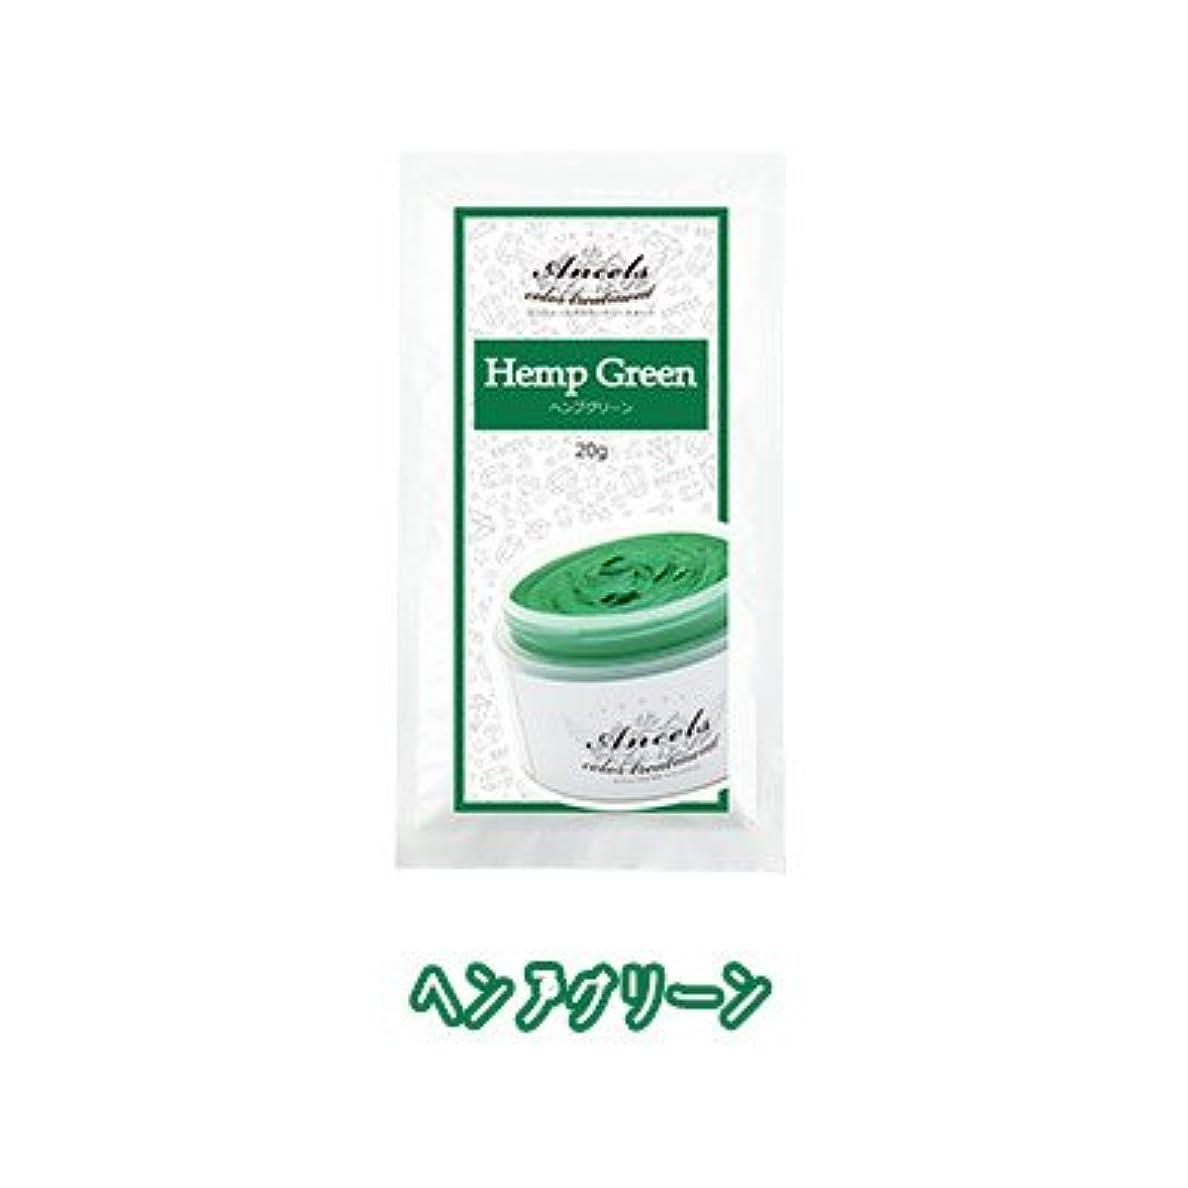 ステートメント不快な気性エンシェールズ カラートリートメントバター プチ(お試しサイズ) ヘンプグリーン 20g